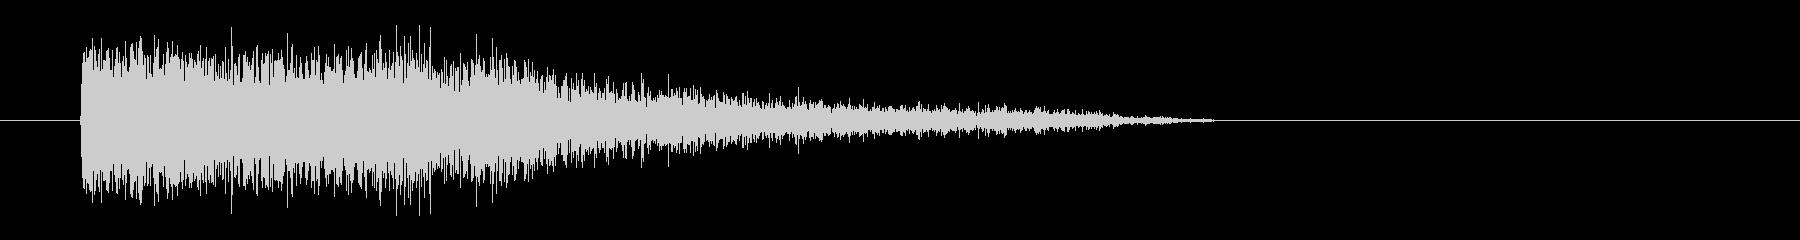 レーザー音-81-3の未再生の波形